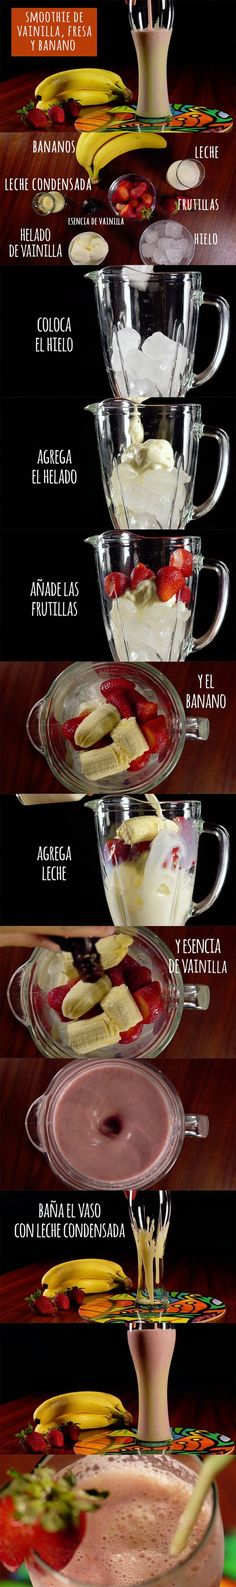 Comparte y disfruta esta bebida inigualable. #DateElGusto #Recetas #Cocina